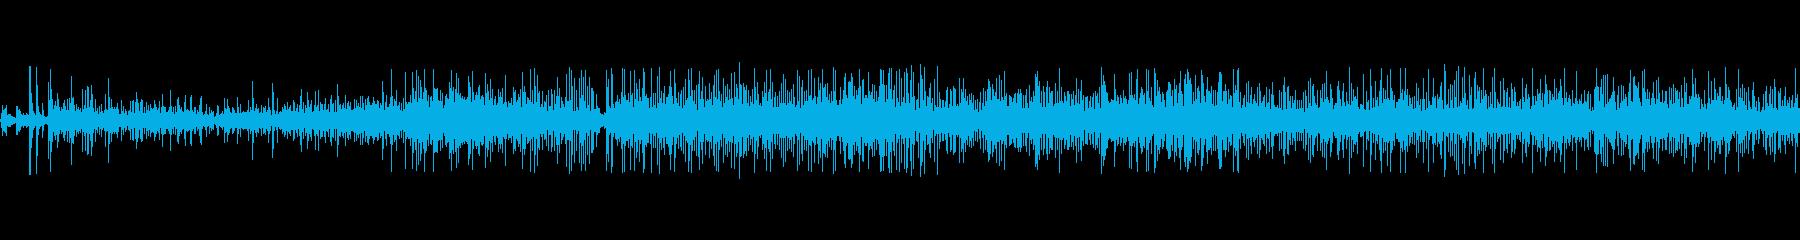 機械火花静的溶接機beaの再生済みの波形